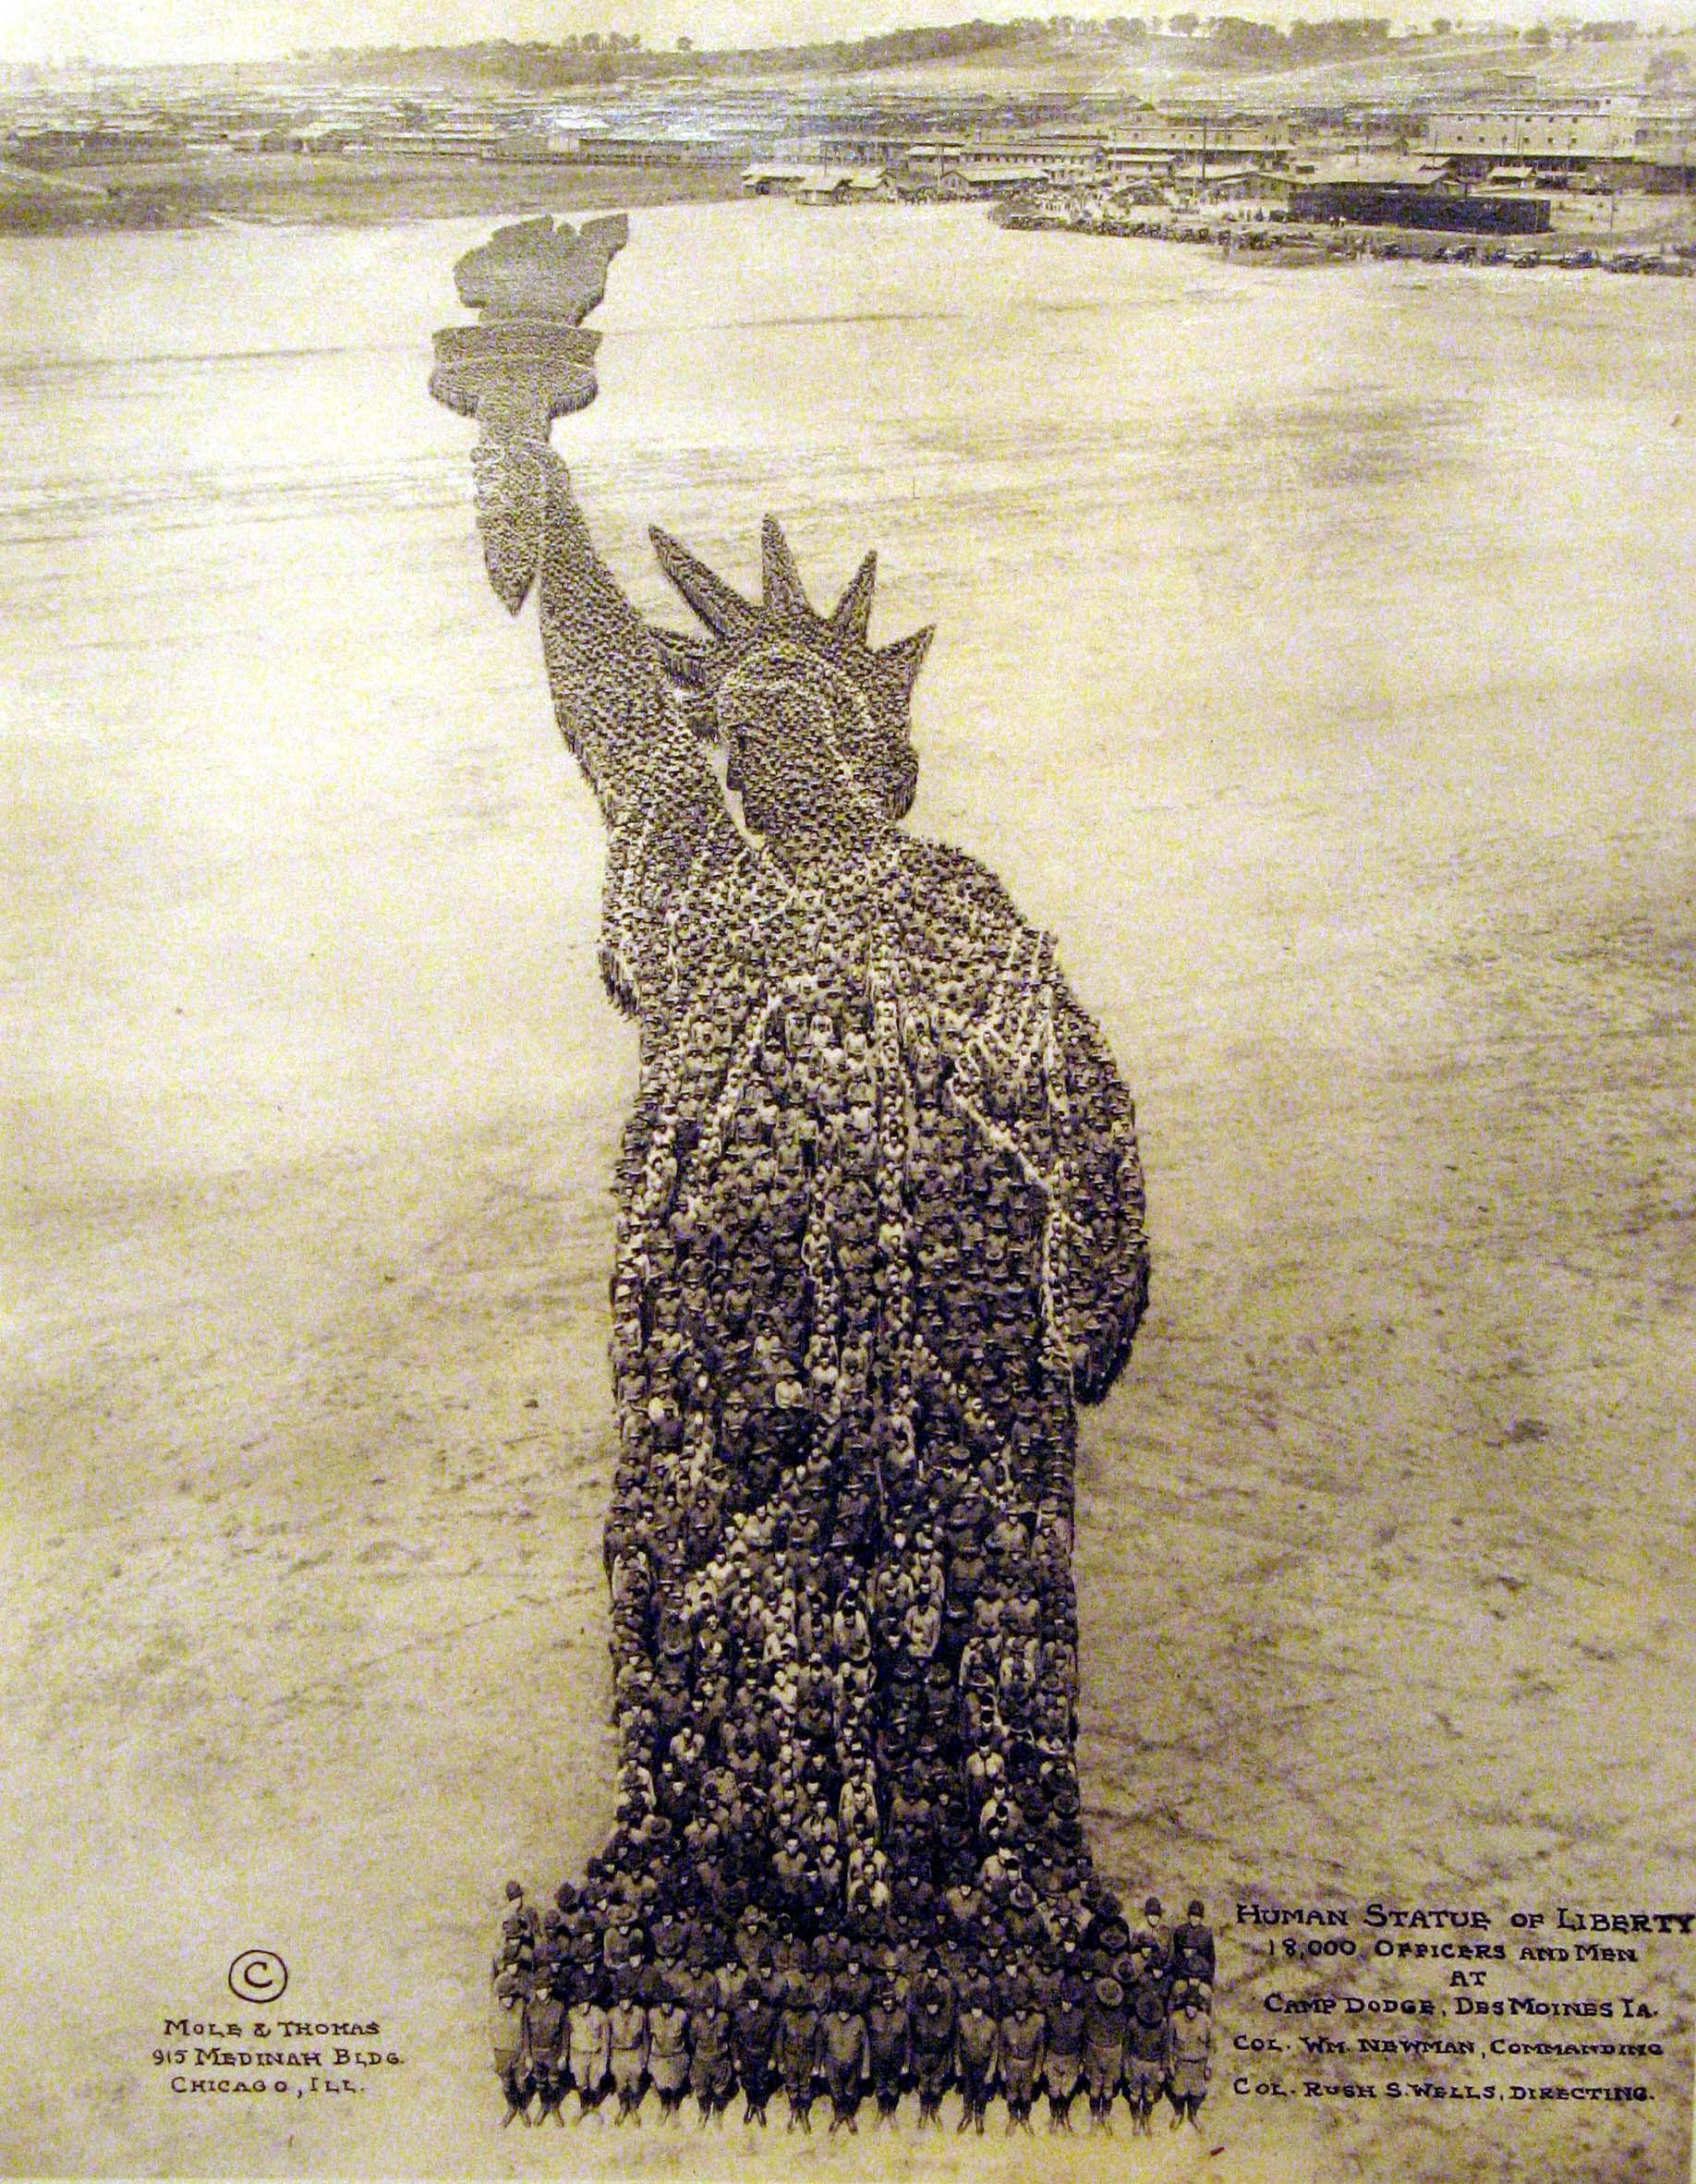 """""""Human Statue of Liberty"""" - 18 000 ludzi."""